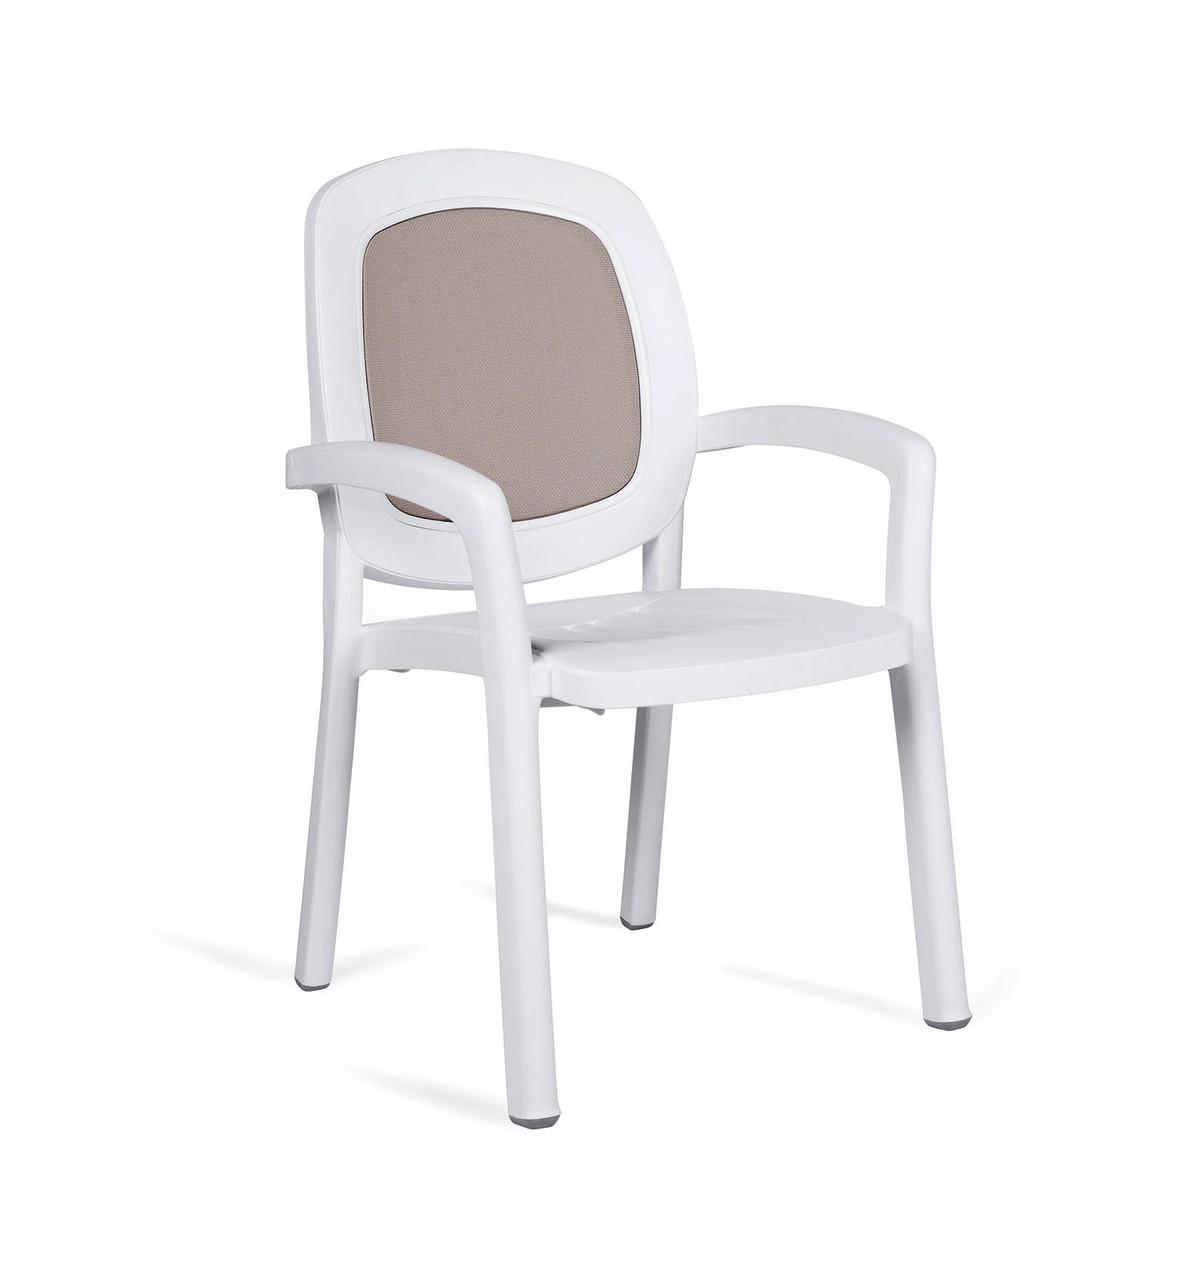 Кресло садовое BETA белое, серое